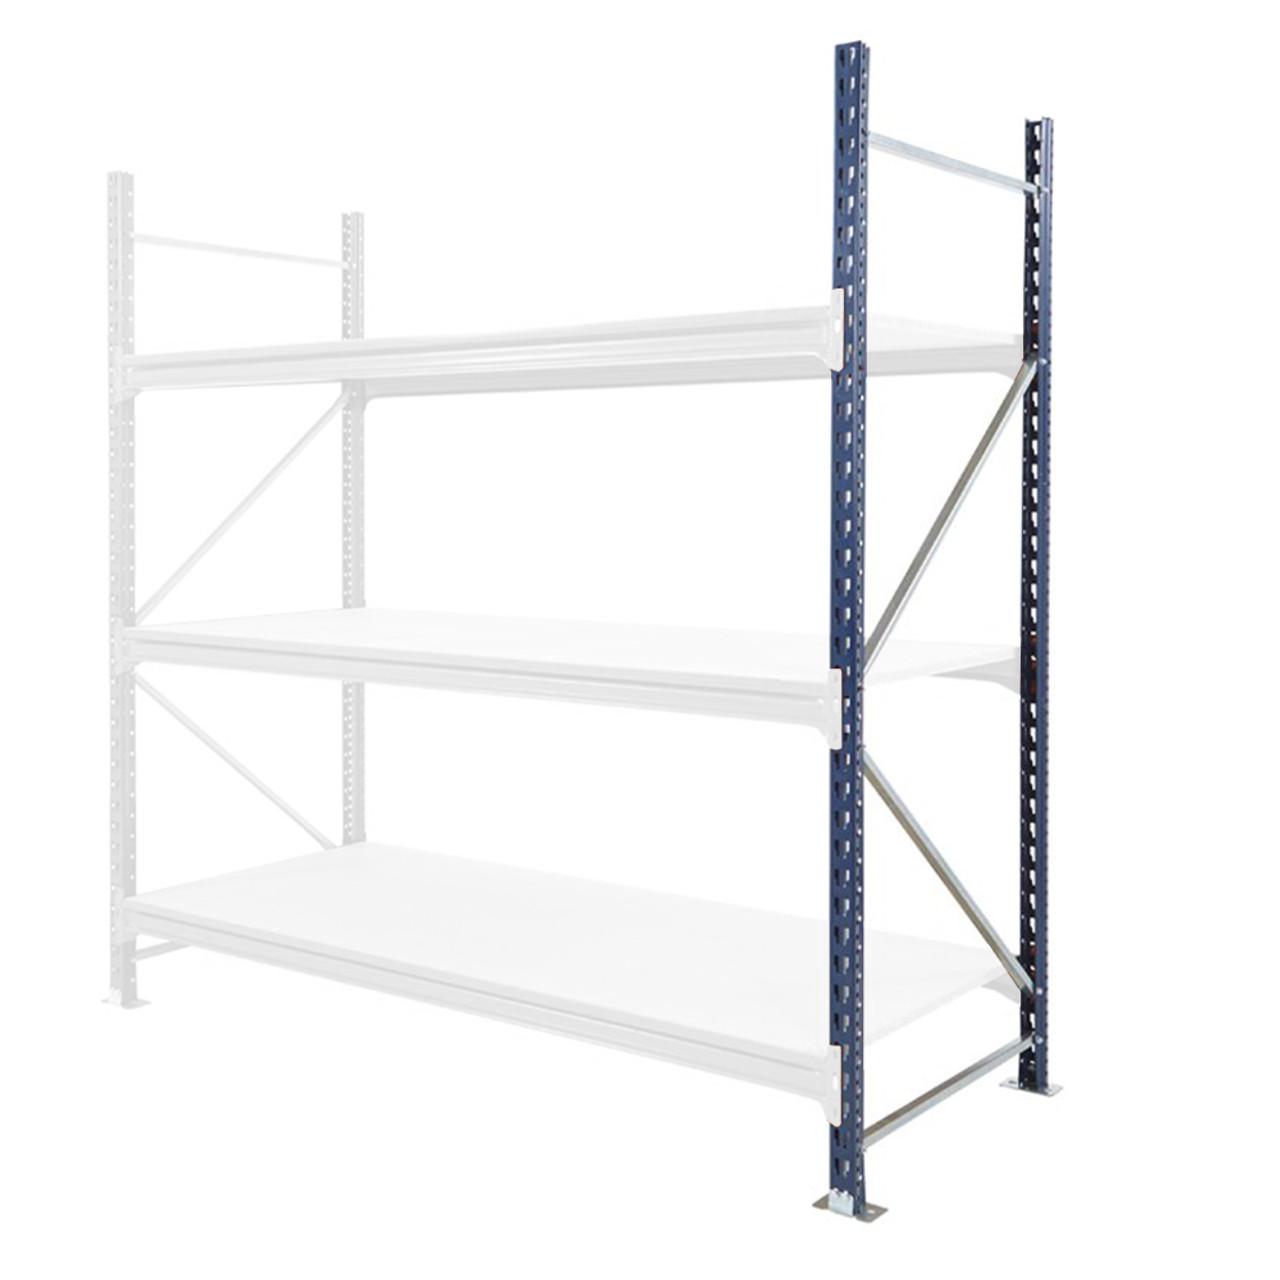 Mecalux Longspan Warehouse Racking End Frame, Depth 20mm   Max 20kg UDL